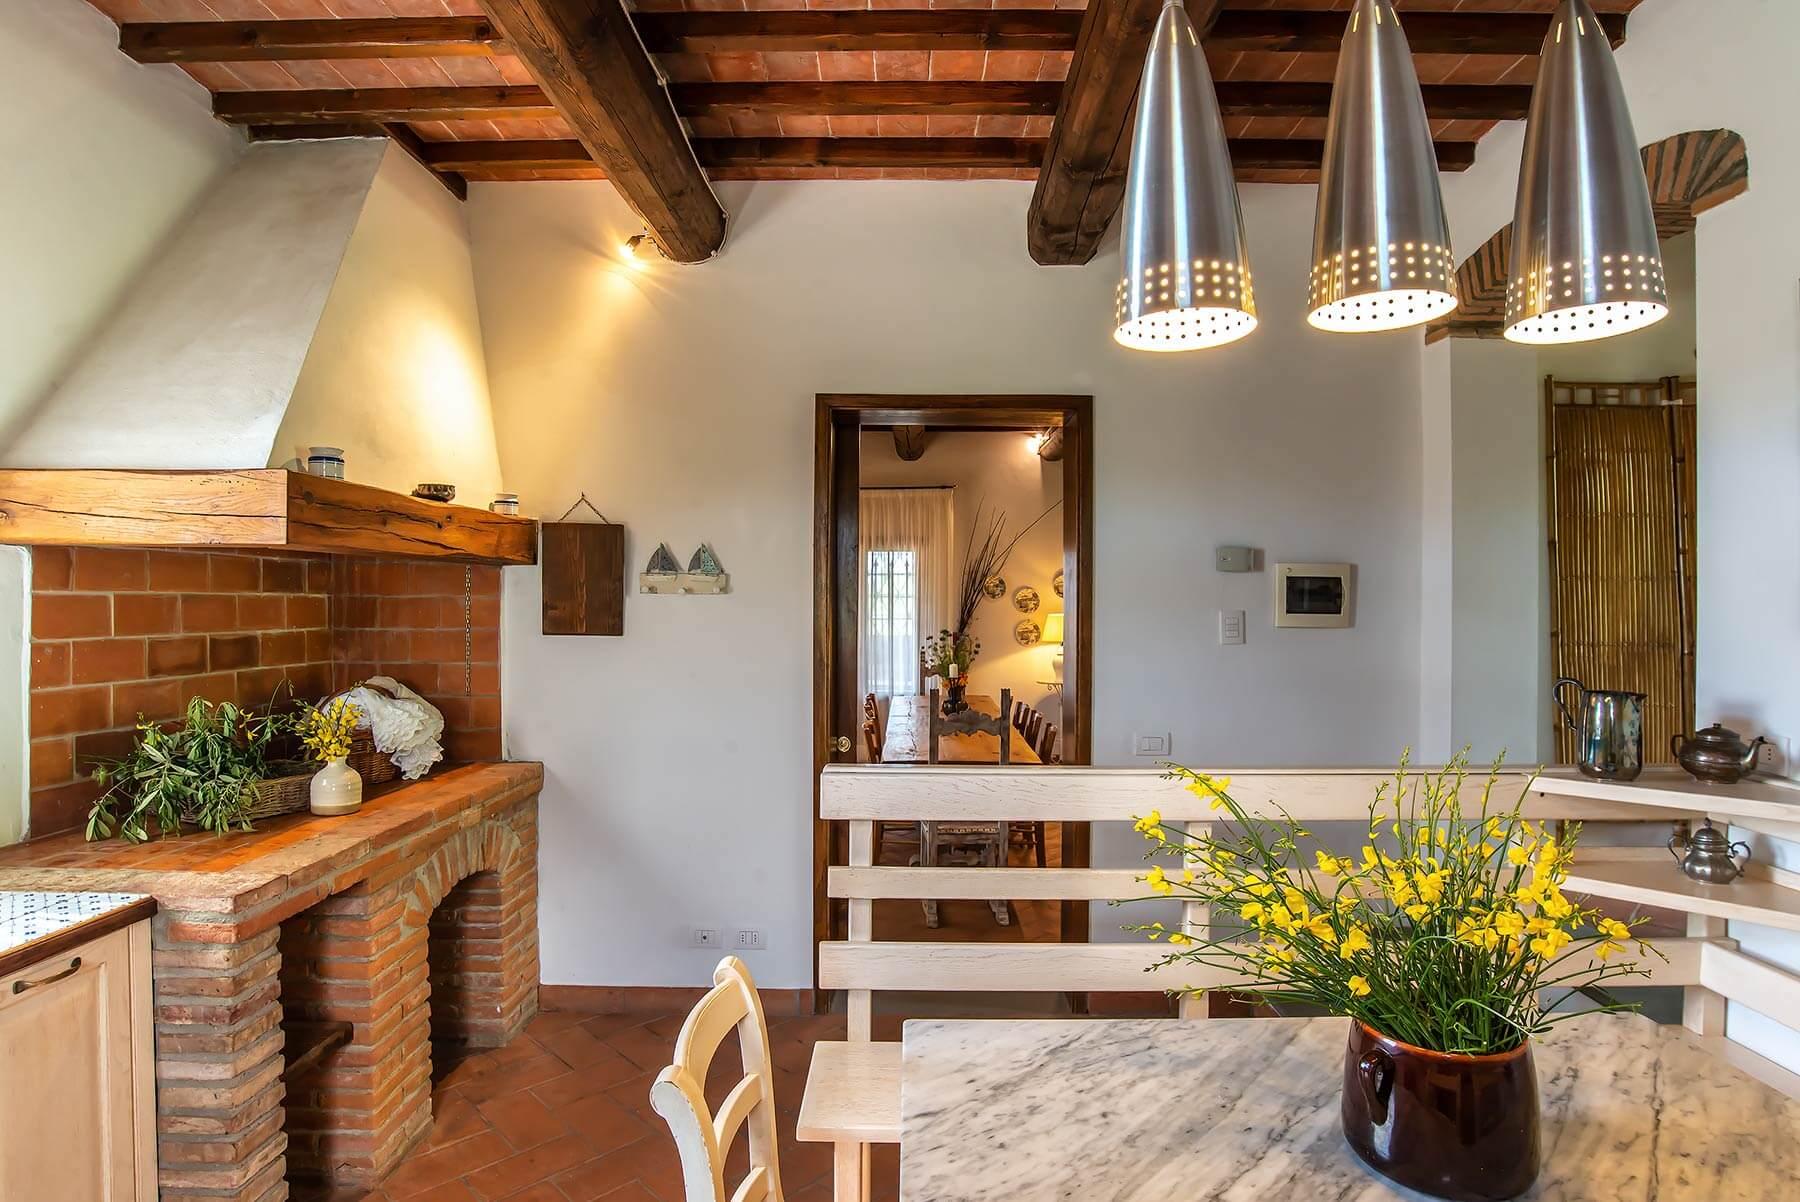 La cucina con caminetto Villa Lionella - Torrino Country Resort